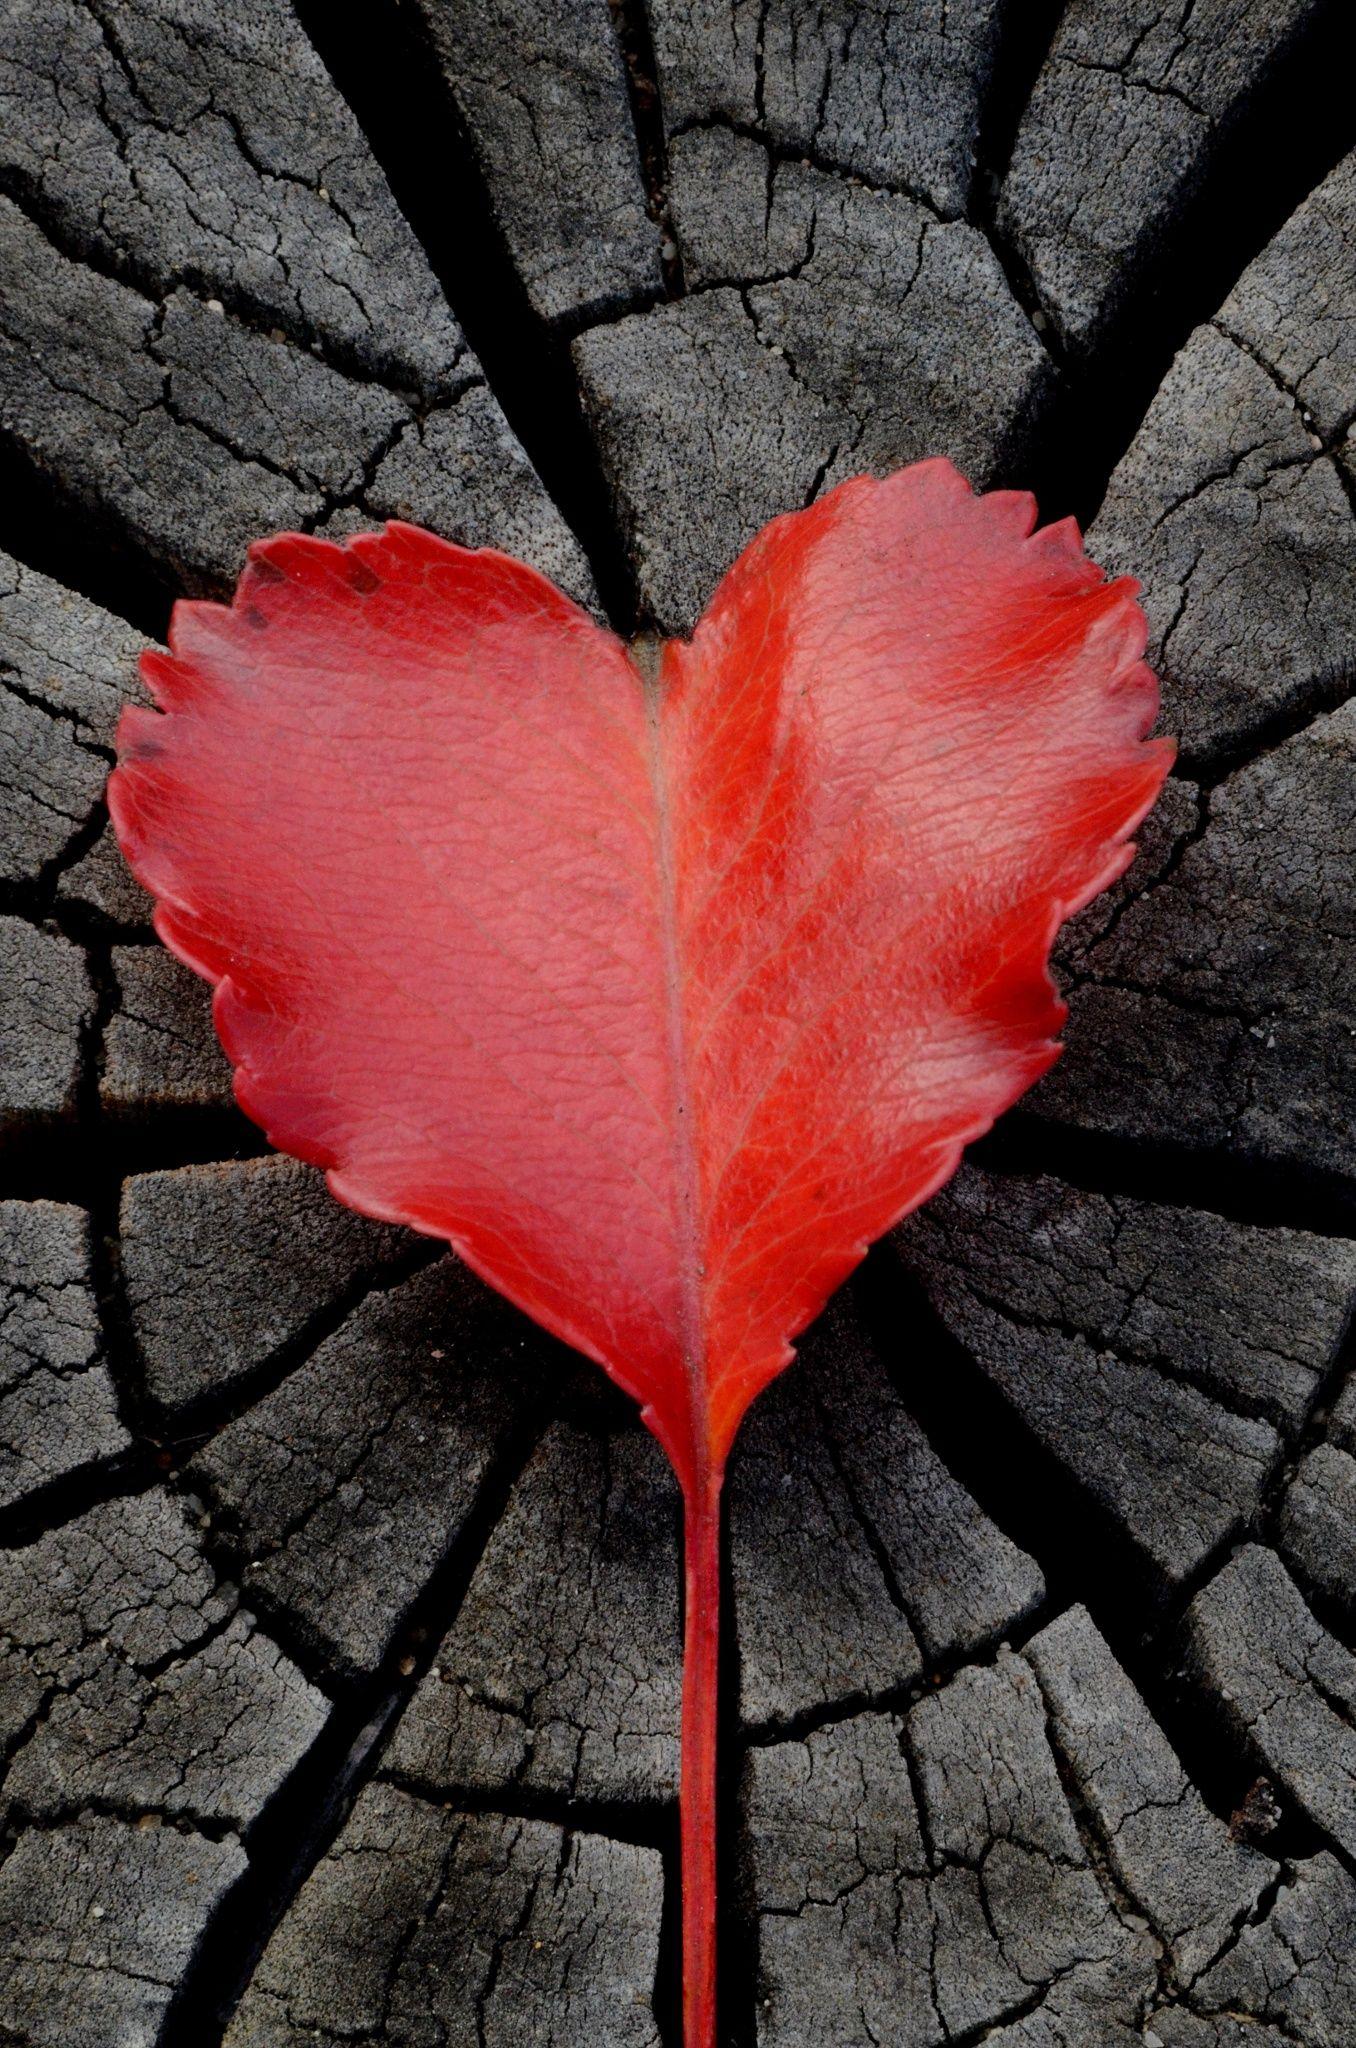 Red, Heart Shaped Leaf. (с изображениями) | Осенние картинки, Осенние фотографии, Осенний пейзаж